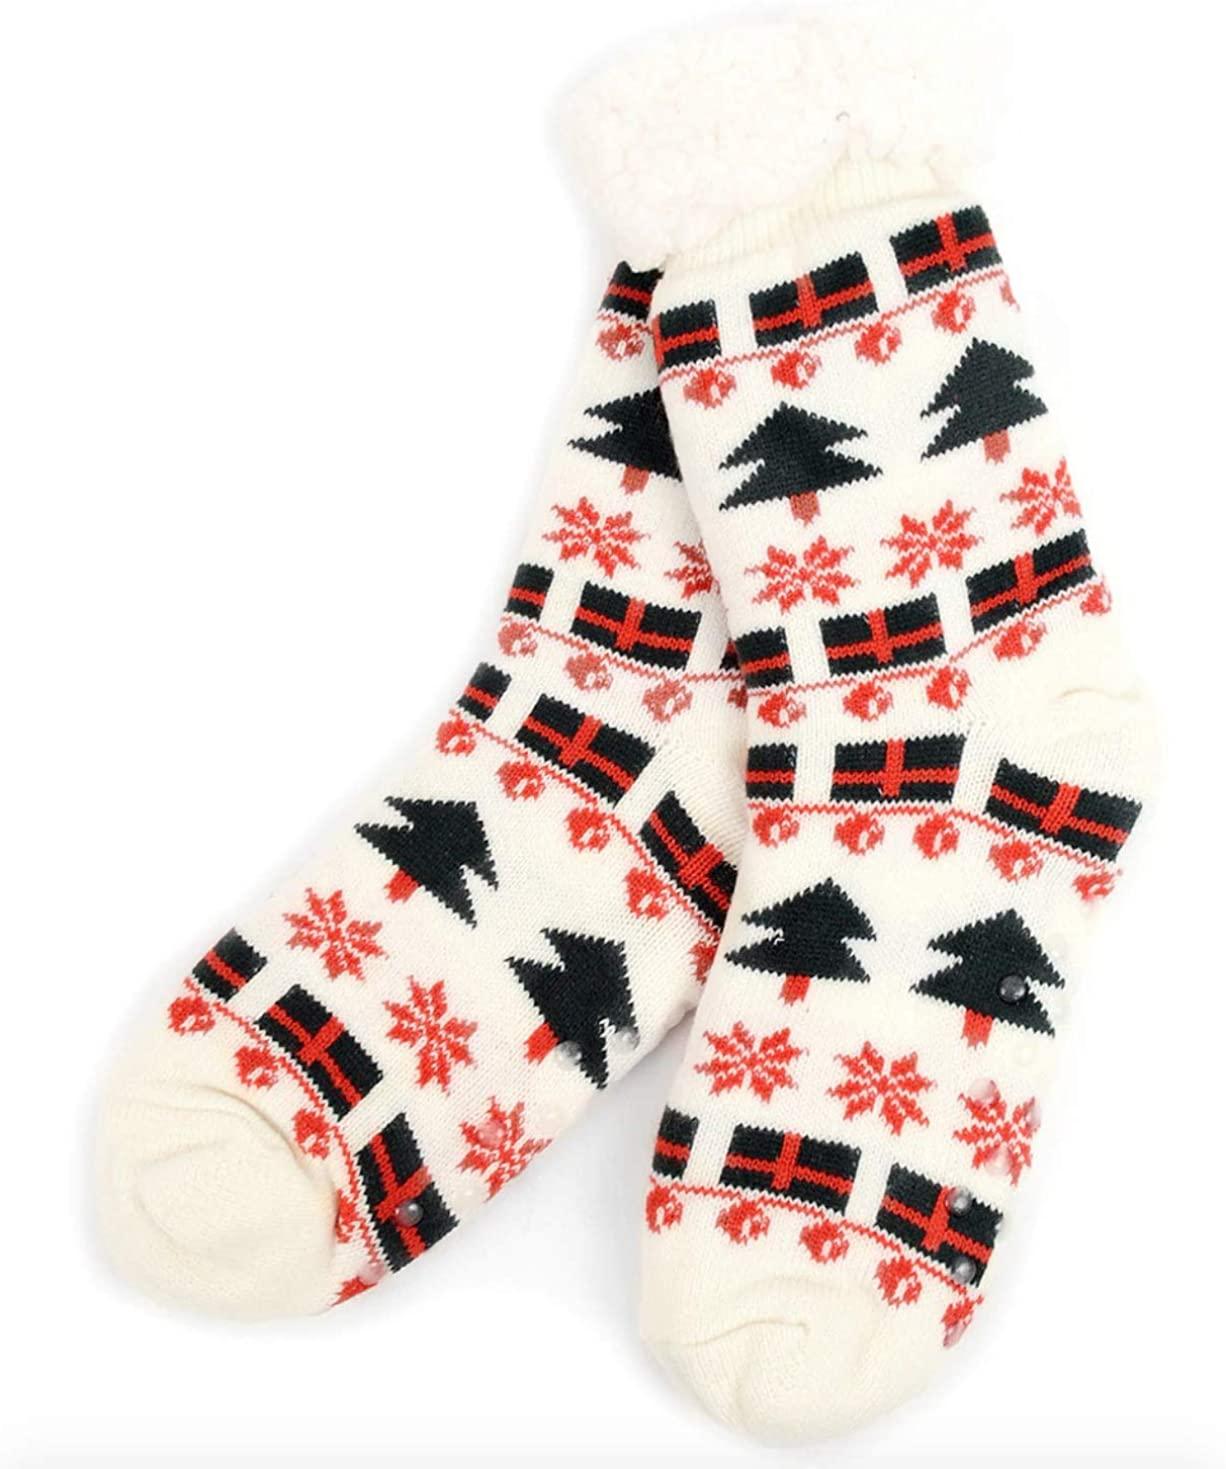 Urban-Peacock Women's Plush Knitted Fleece Sherpa Lined Non-Slip Slipper Socks - Multiple Patterns Available!